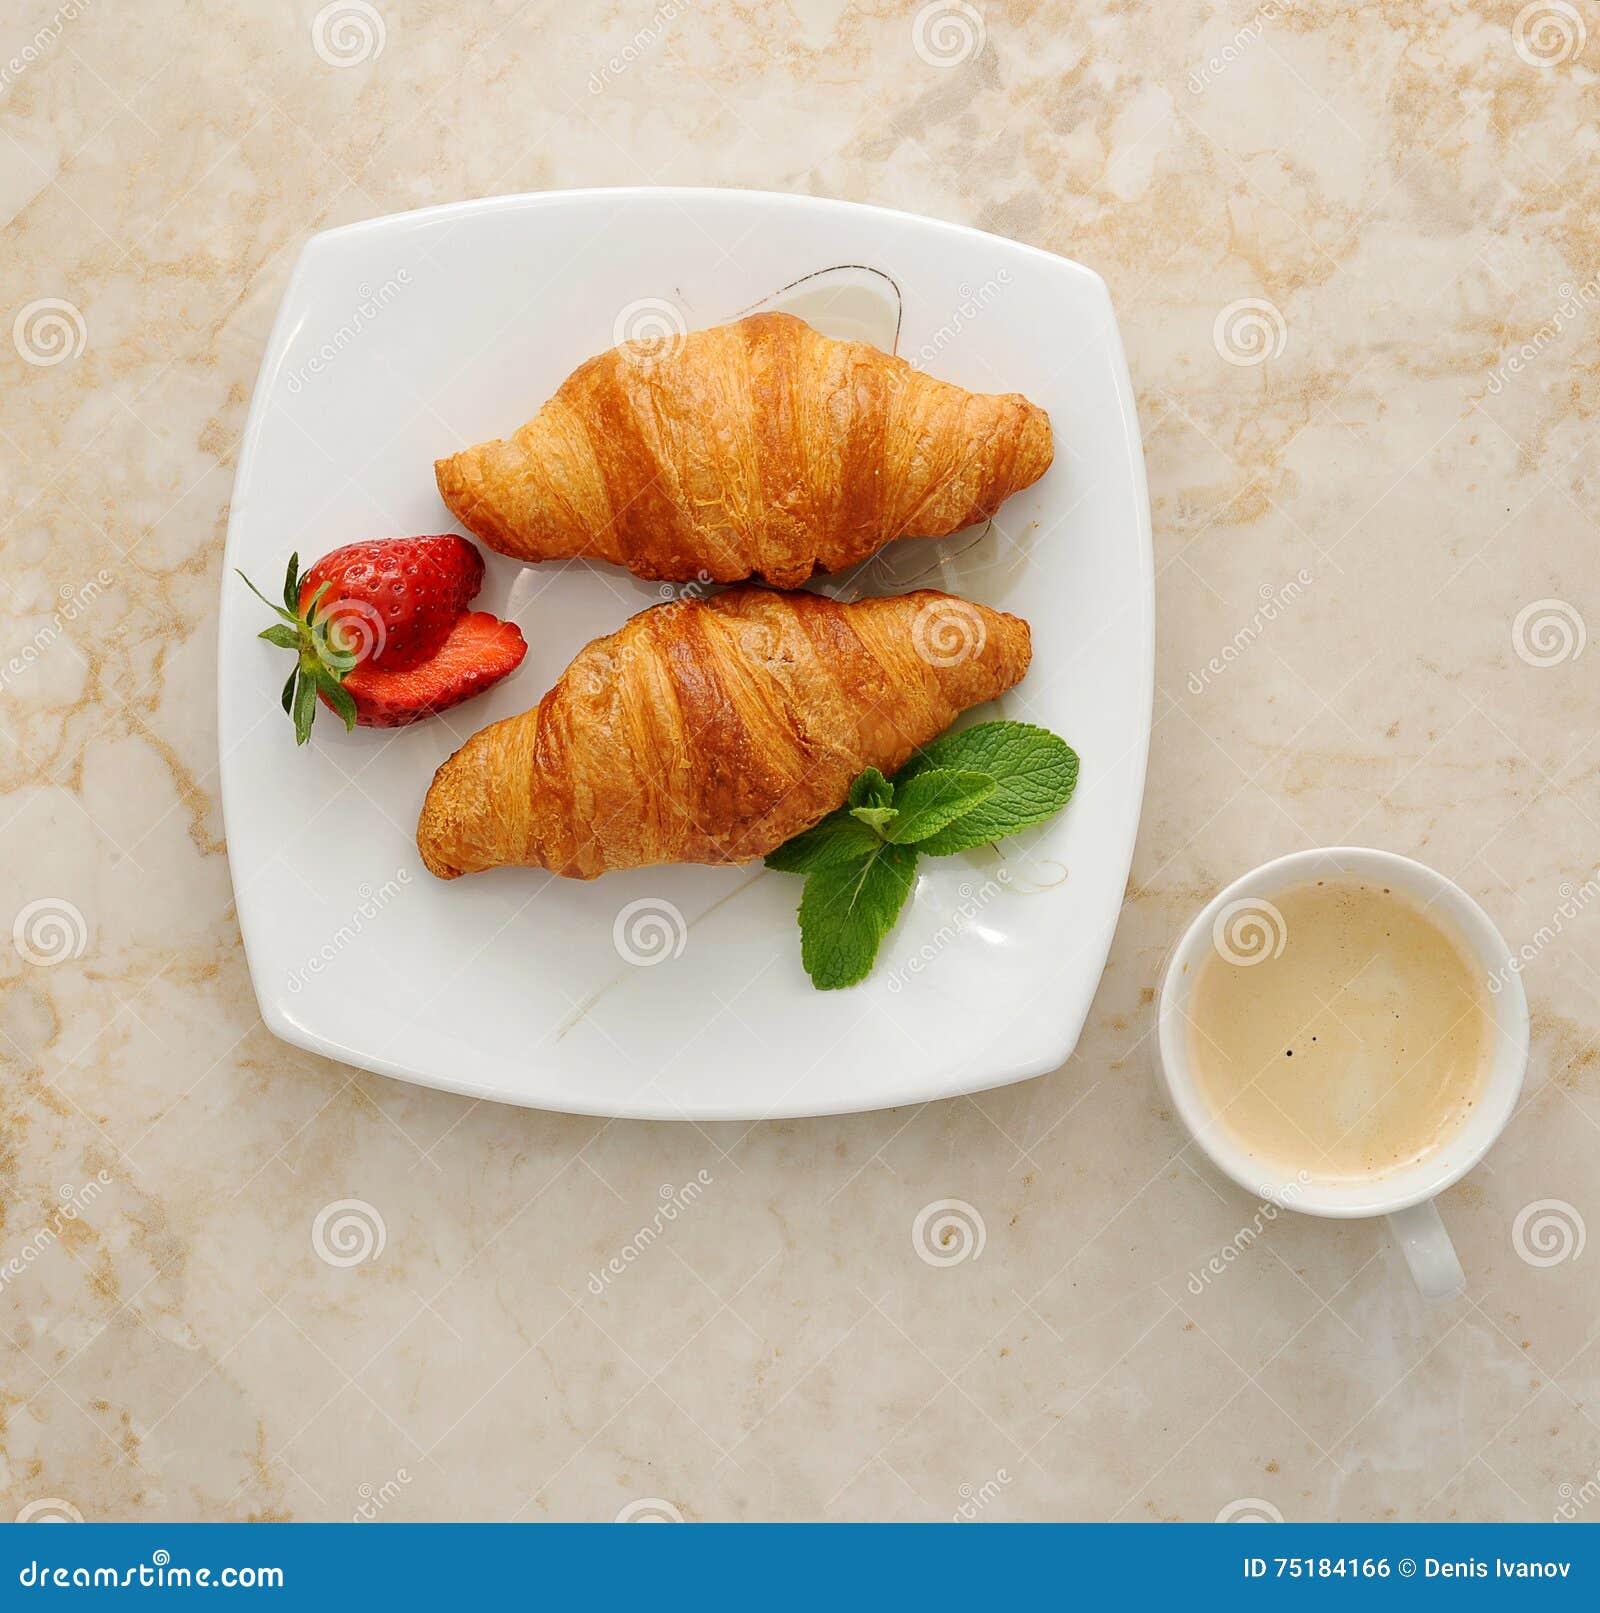 Prima colazione di mattina - croissant con caffè